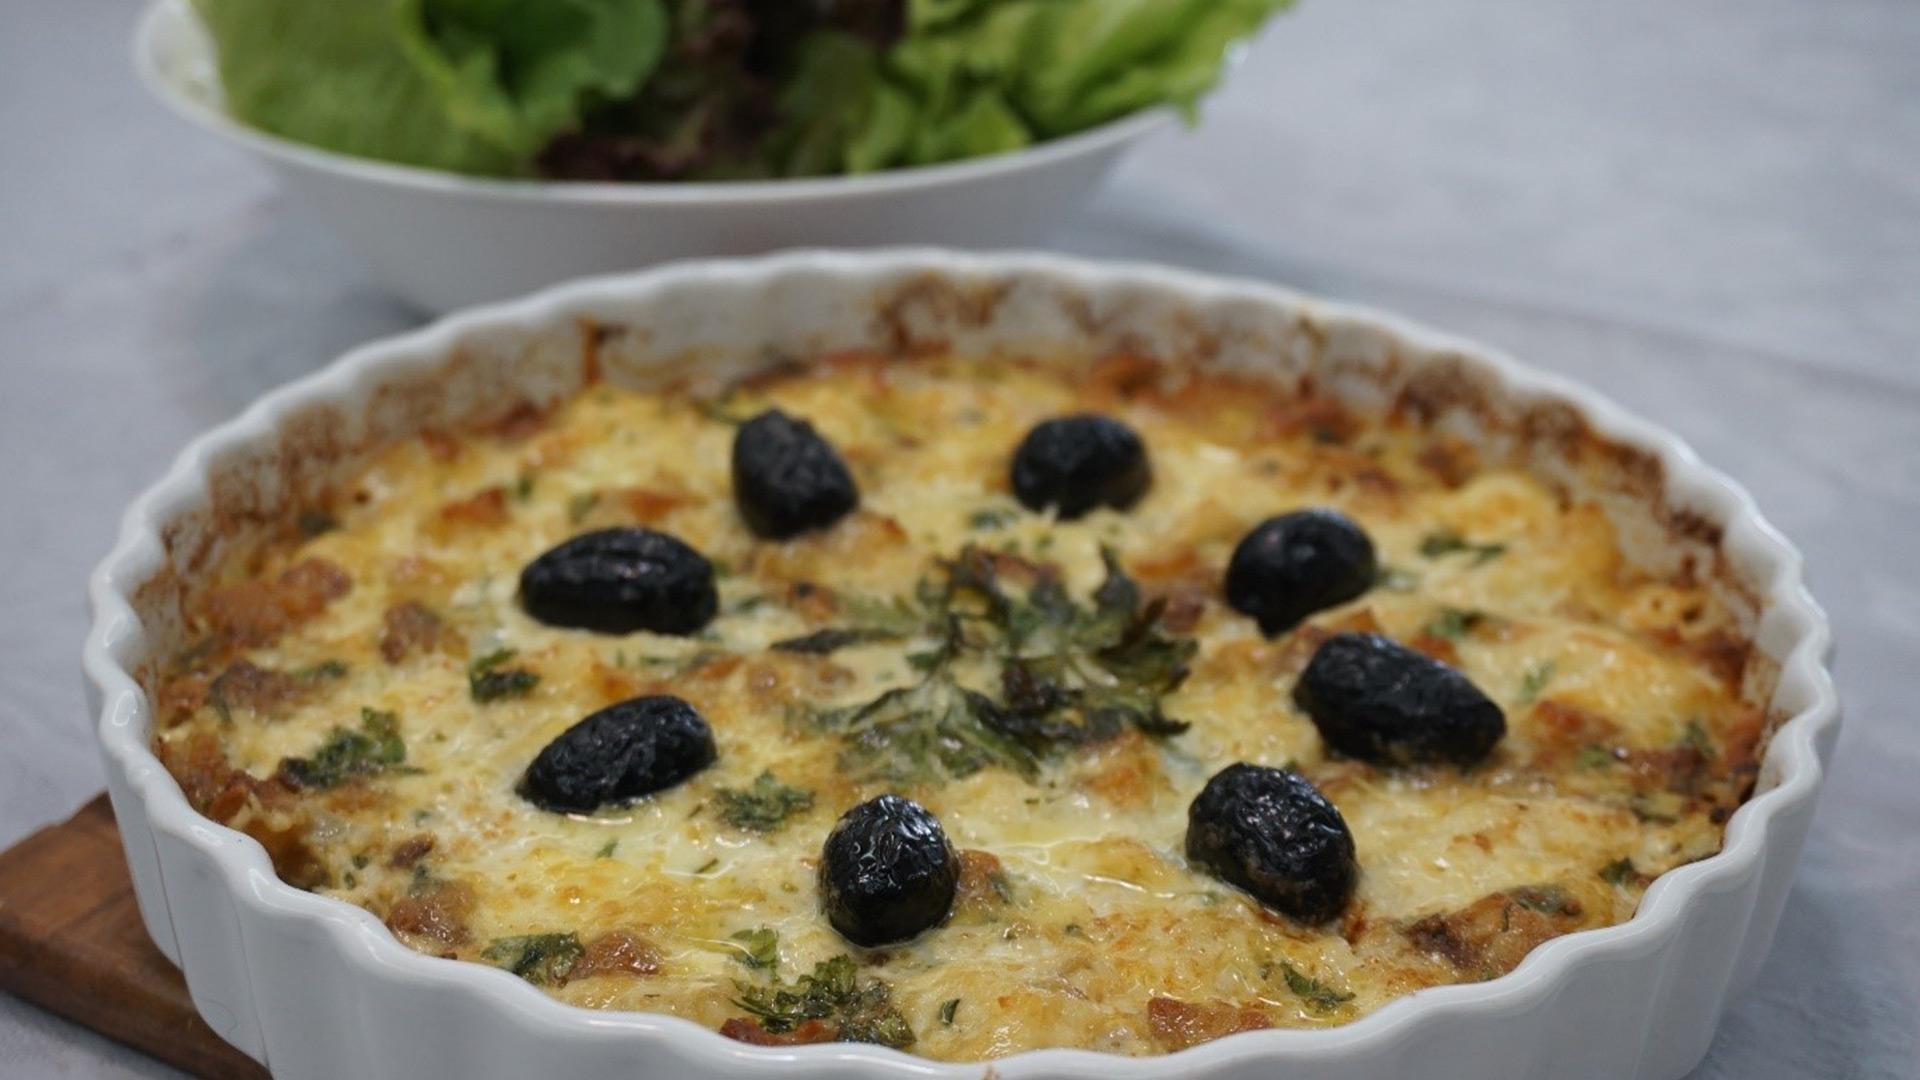 Bacalhau às natas é um dos pratos disponíveis no cardápio da Semana Santa da MiAguiar Gastronomia.